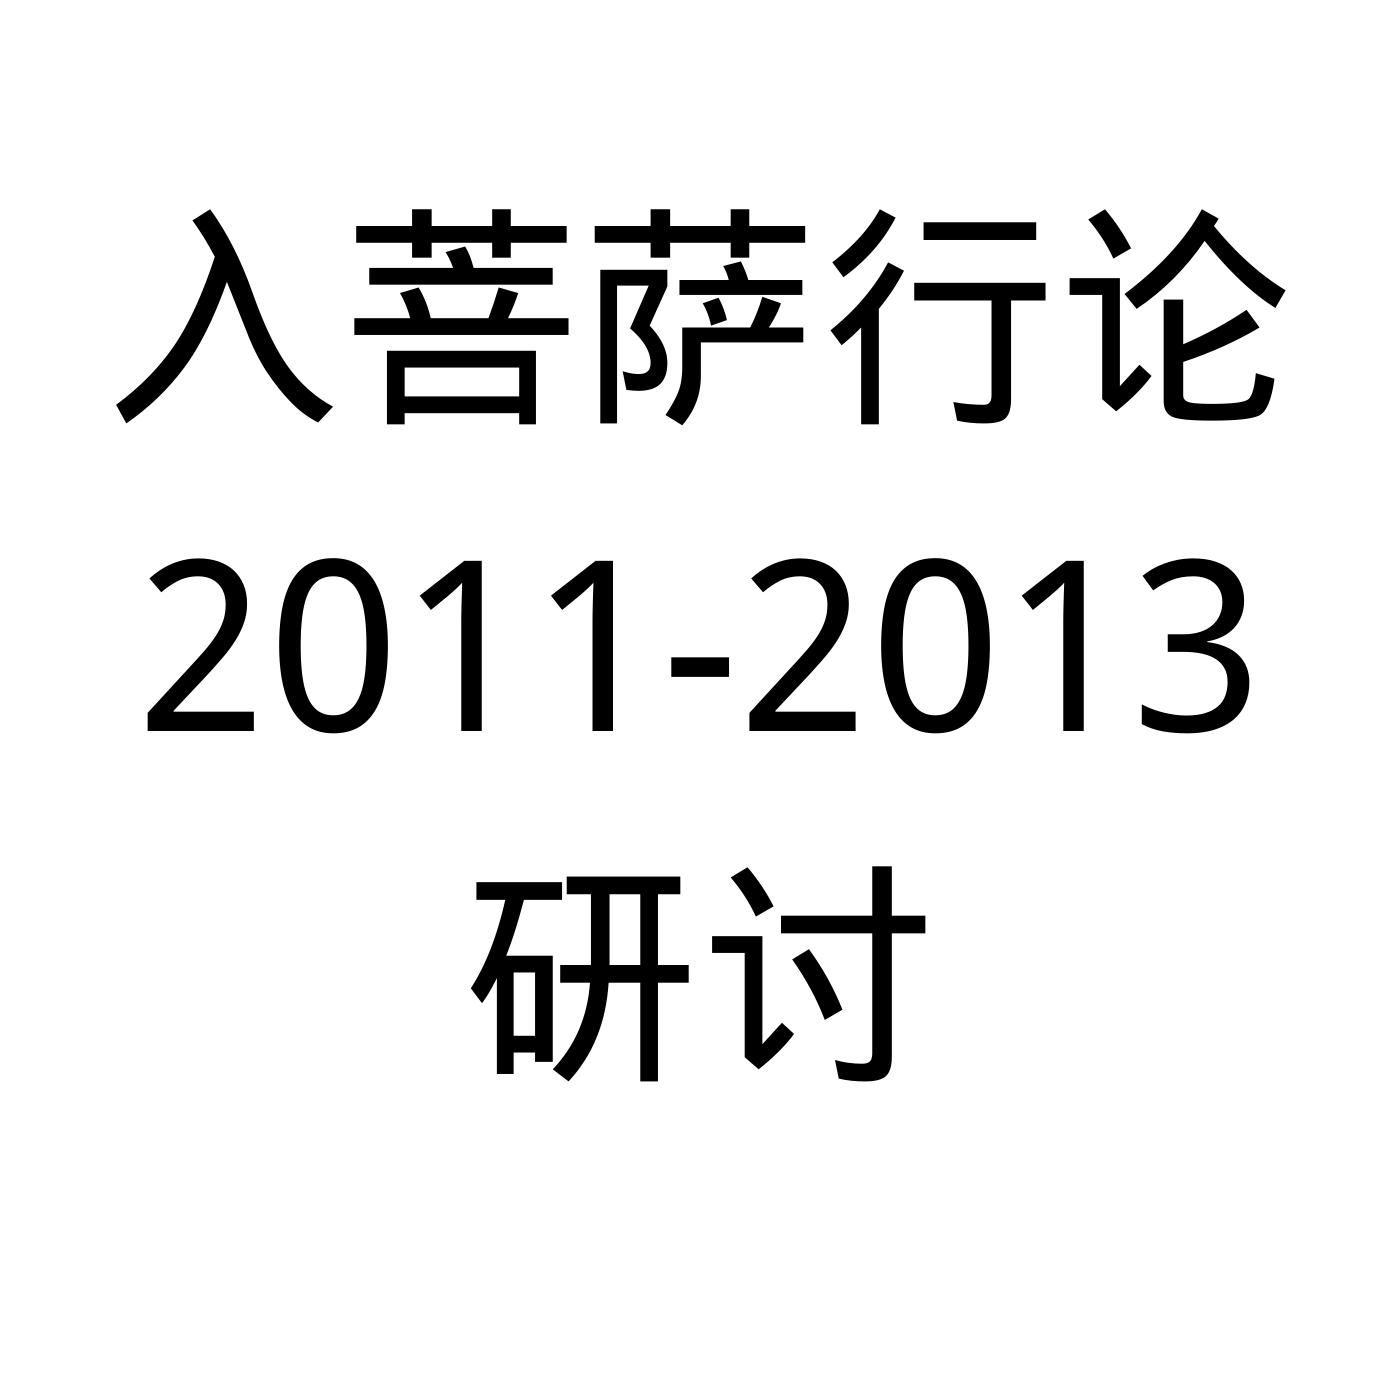 入菩萨行论2011-2013年研讨